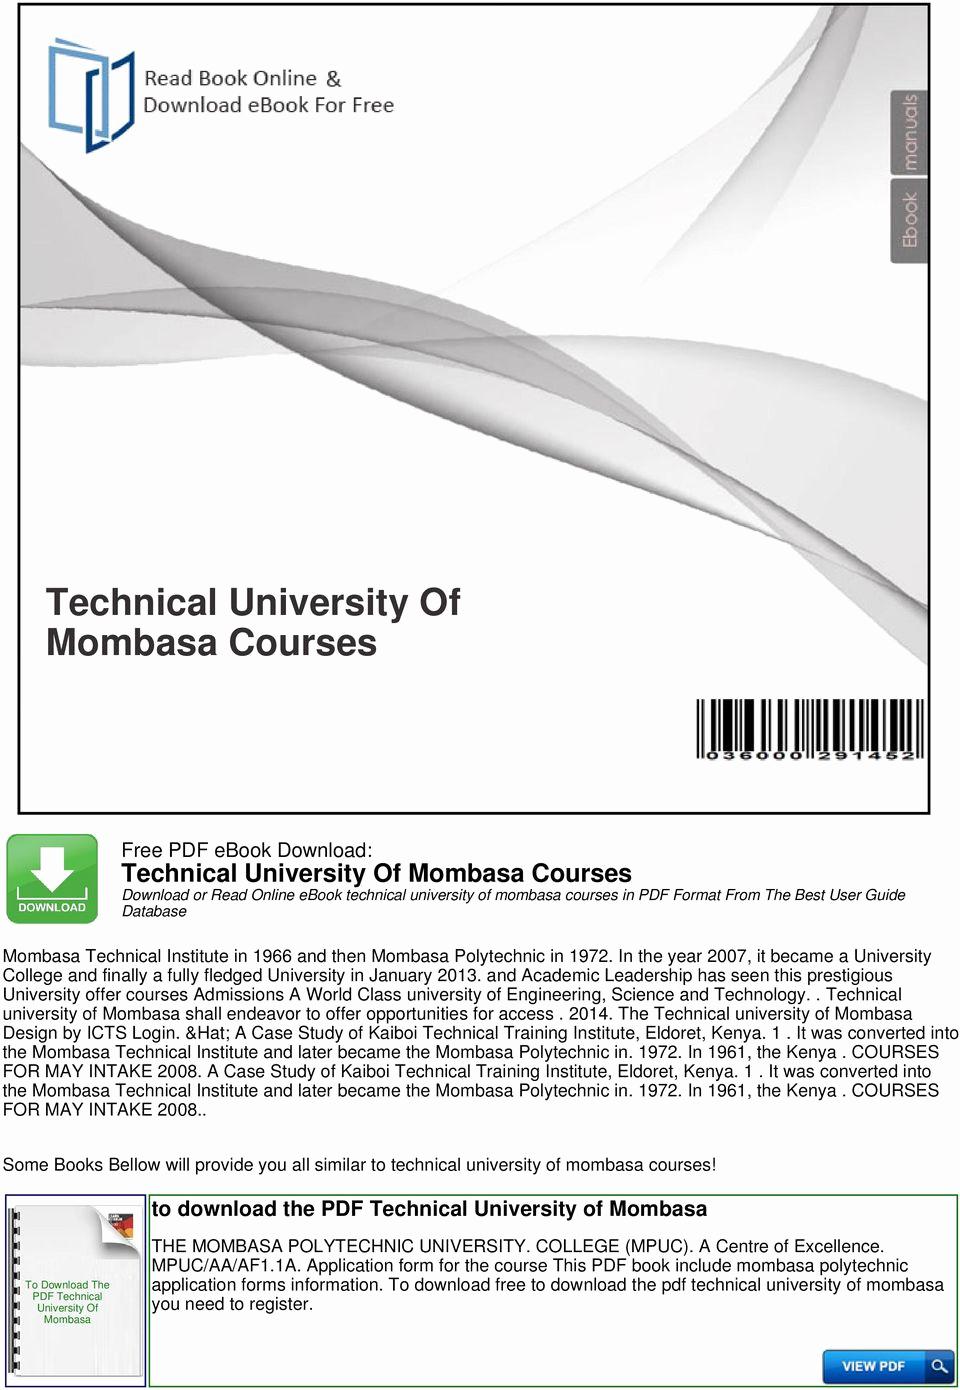 Daily Commitment Peoria Il Unique Technical University Mombasa Courses Pdf